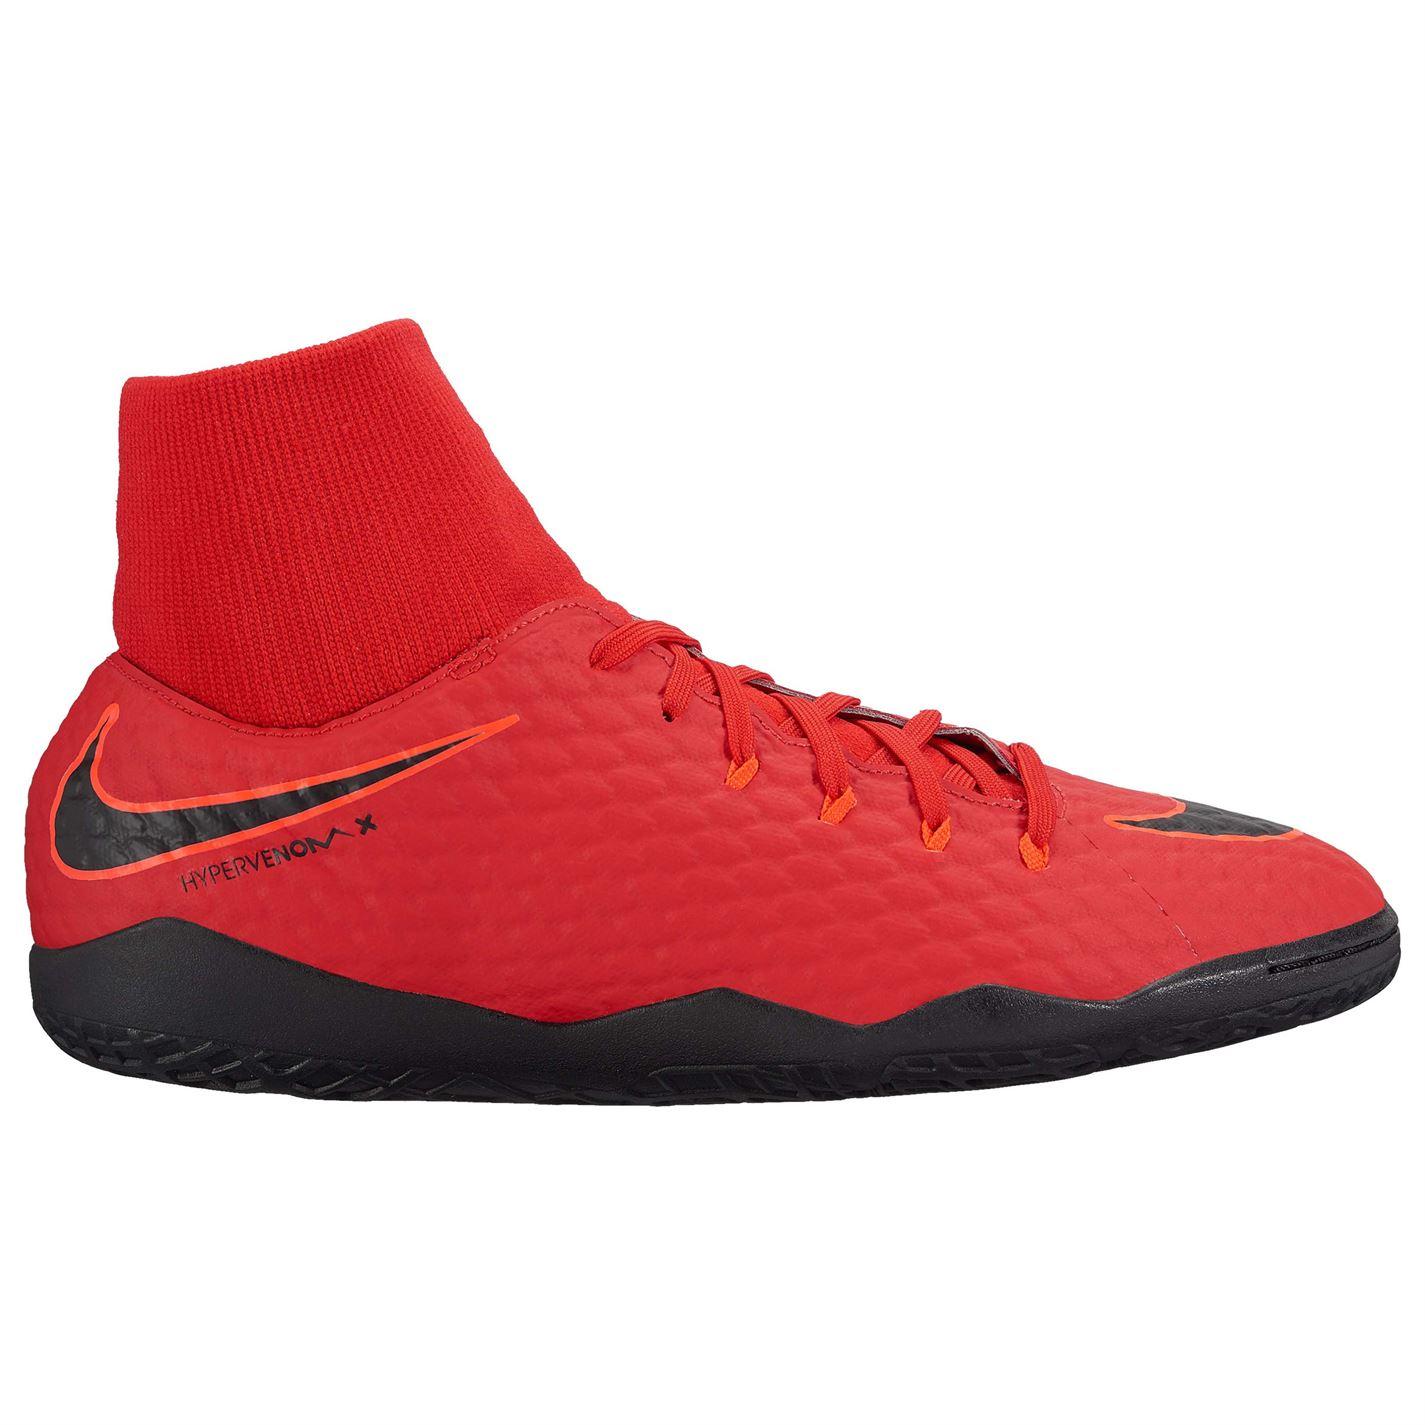 Nike Hypervenom Phelon DF Mens Indoor Football Trainers